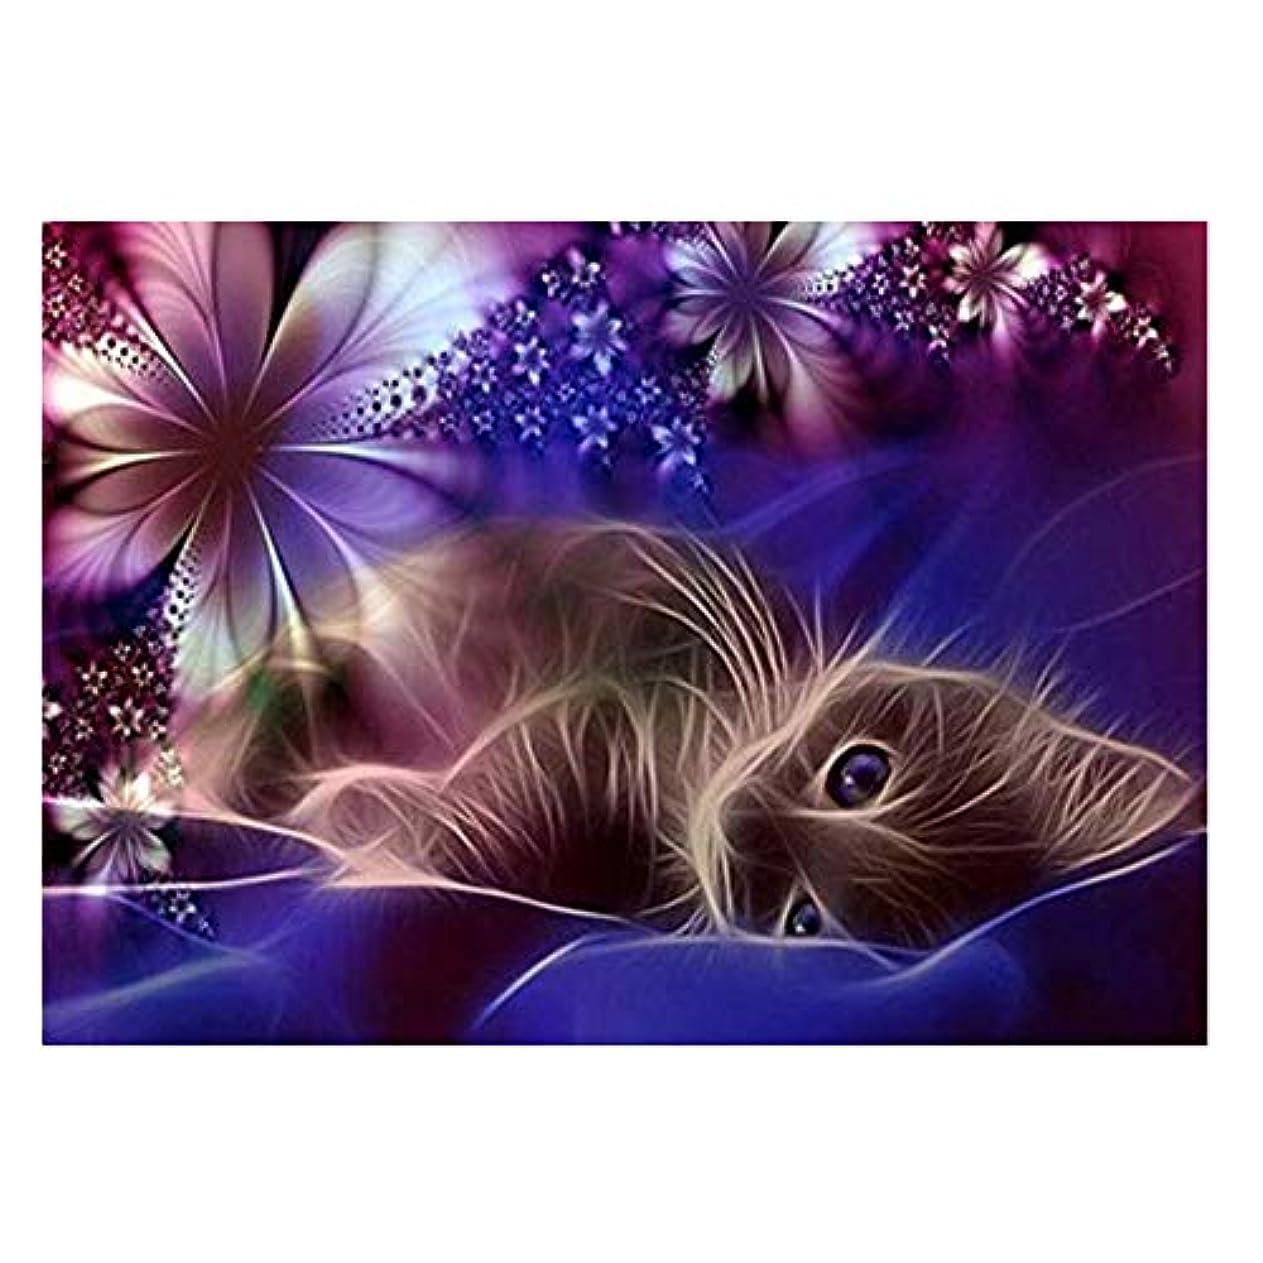 幾分逆さまにカバー5D 手作りダイヤモンド絵画?30×40cmかわいい猫5Dダイヤモンドペインティングるまインテリア プレゼント ホーム レストラン 壁掛け 装飾 (マルチカラー)